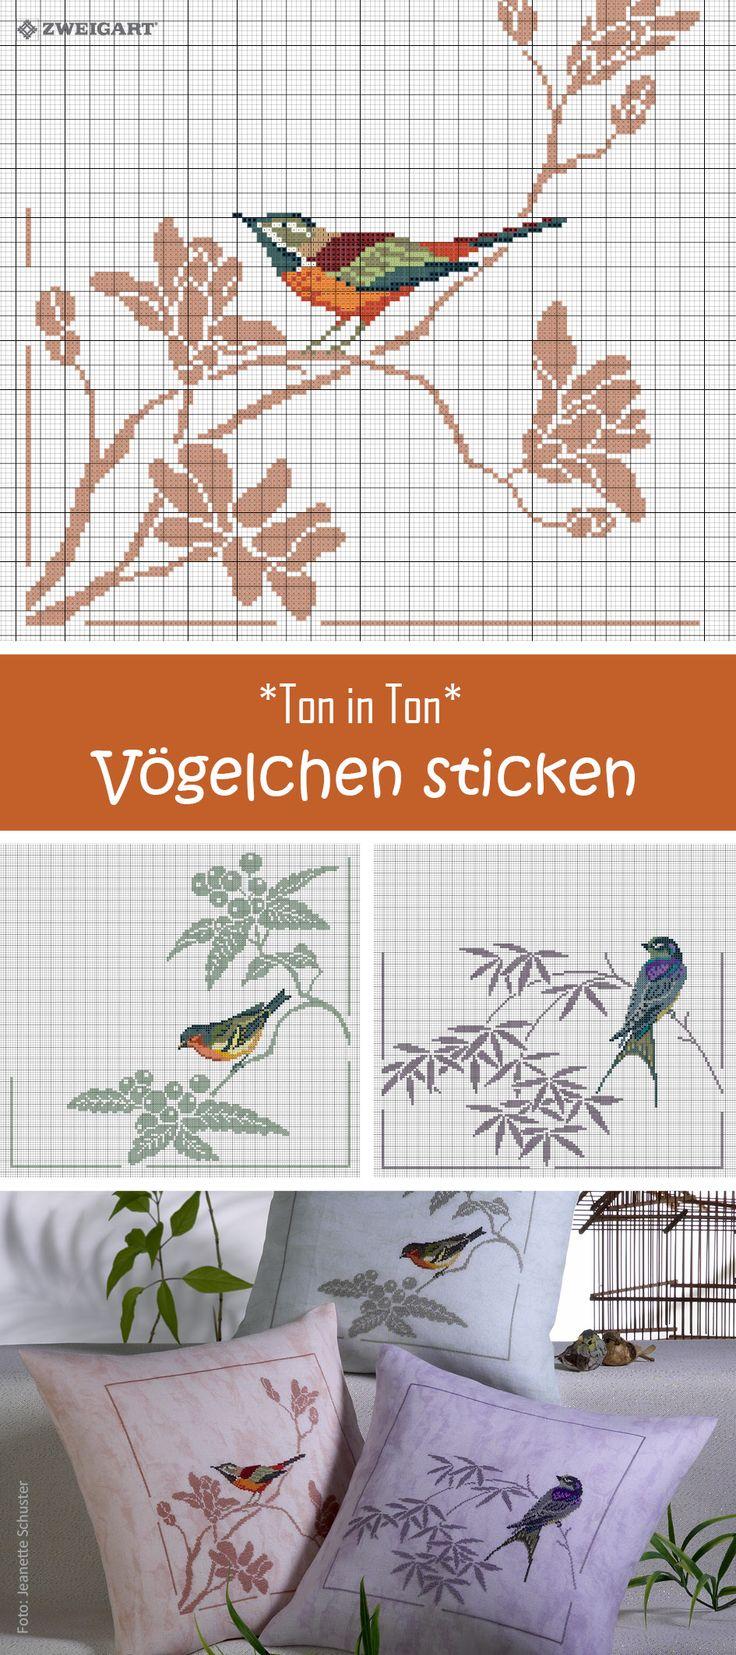 Kissen mit Ton in Ton Vögelchen in Orange, Grün oder Lila sticken #Sticken #Kreuzstich / #Vögel; #Embroidery #Crossstitch / #birds/ #ZWEIGART